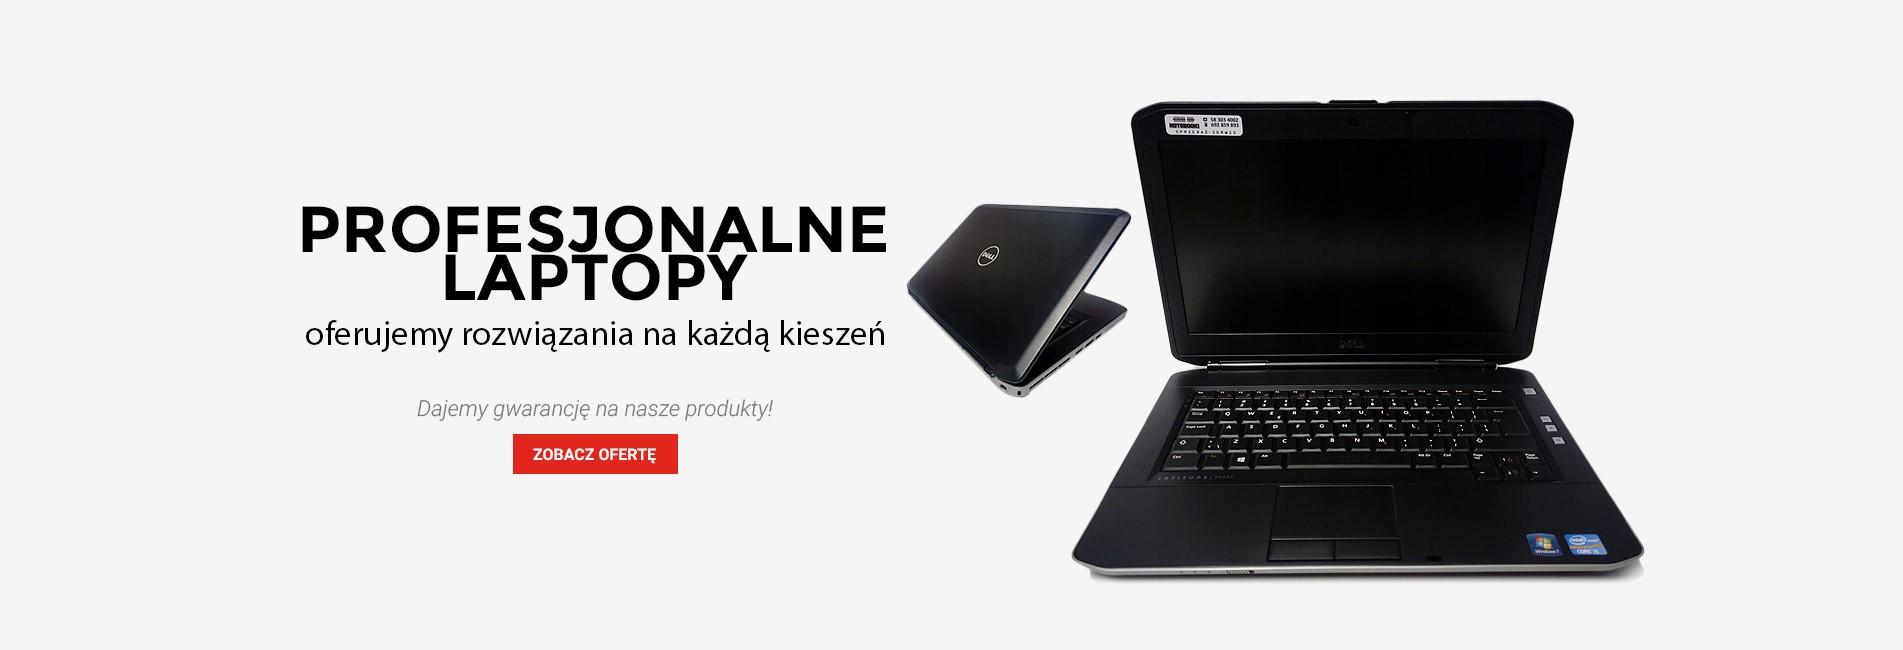 Laptopy w Ocasion2000